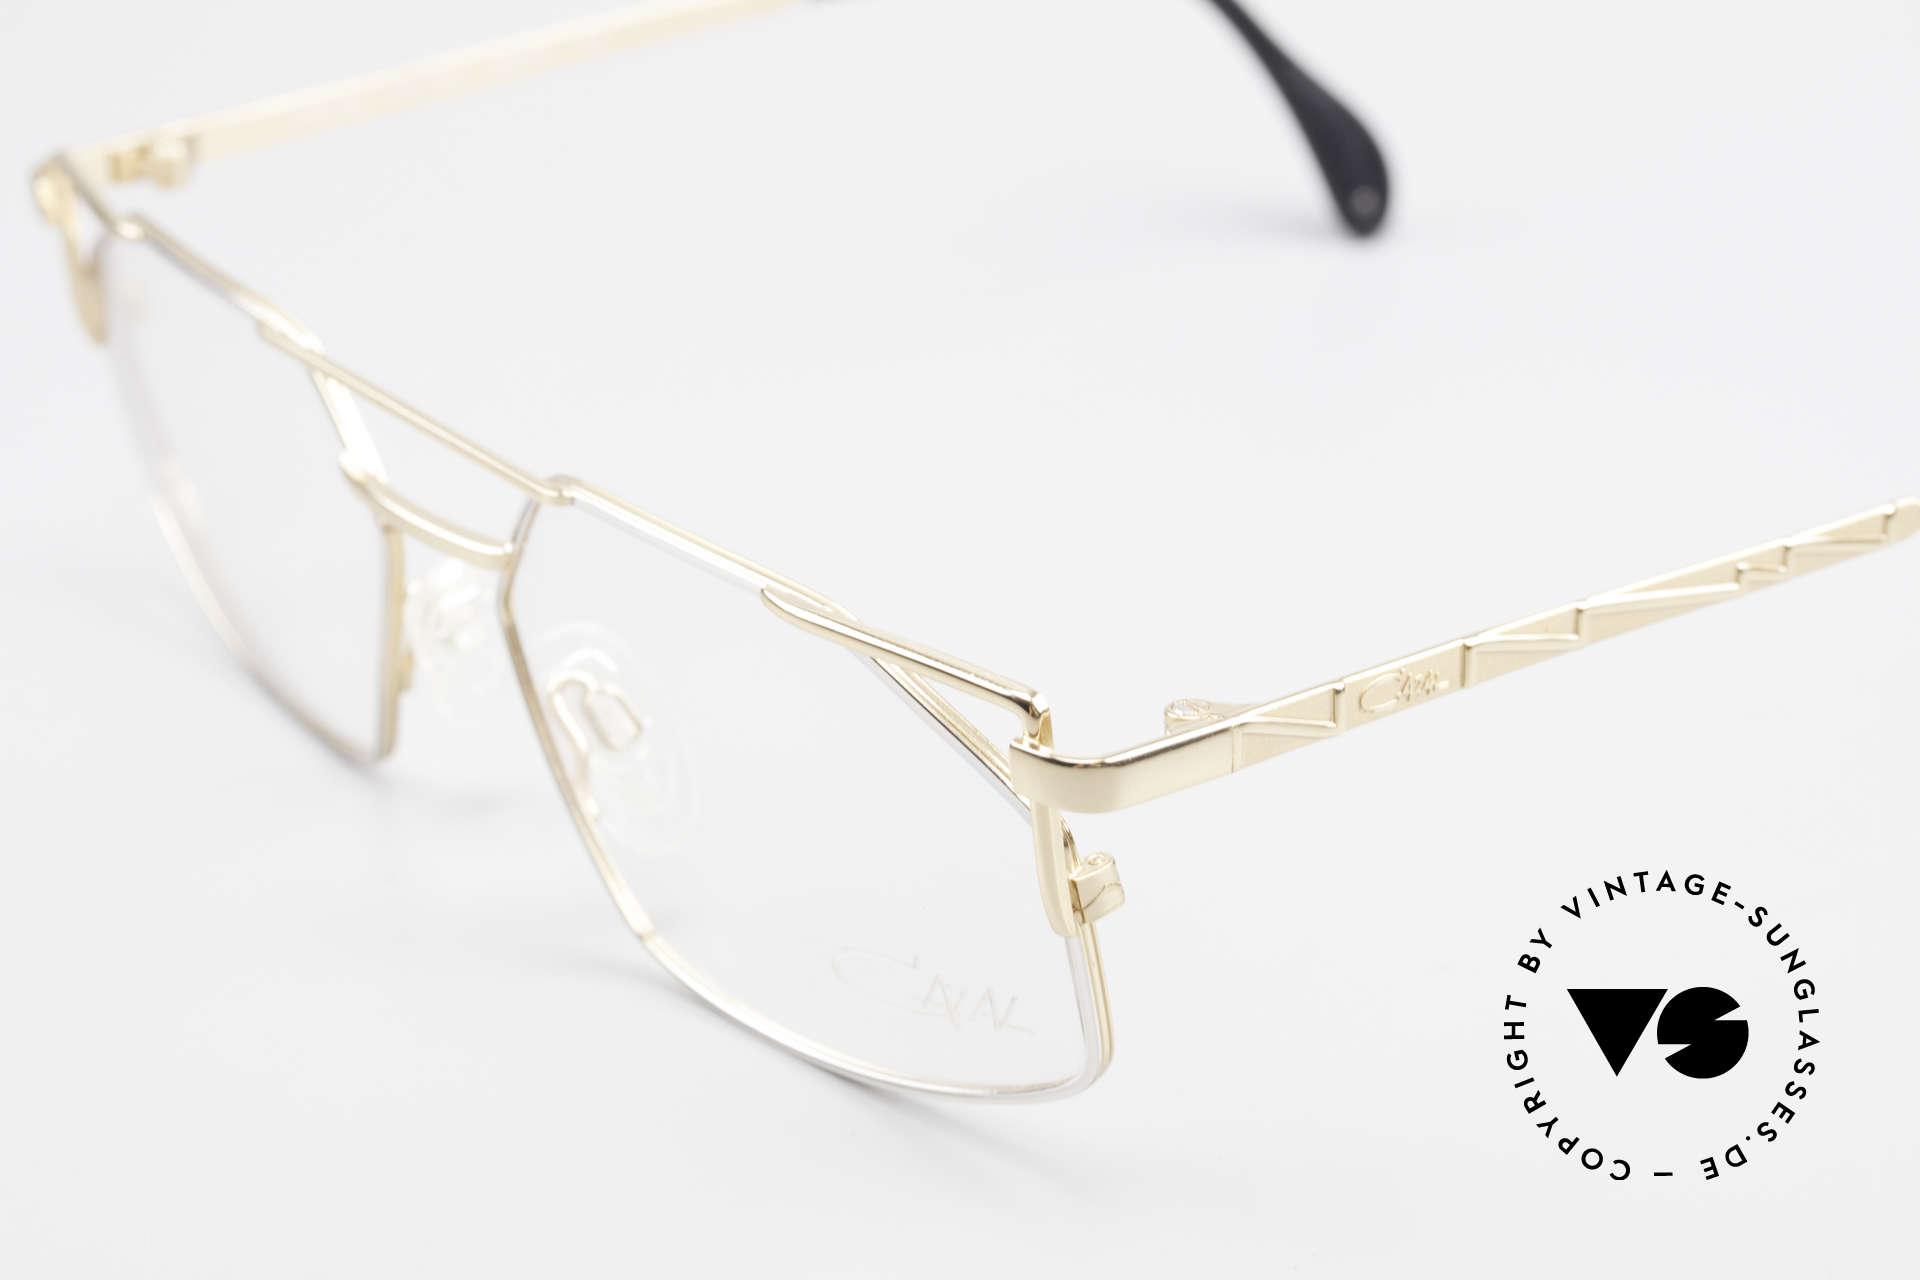 Cazal 751 Eckige Alte 90er Designerbrille, KEINE RETRObrille, sondern ein altes 90er Original!, Passend für Herren